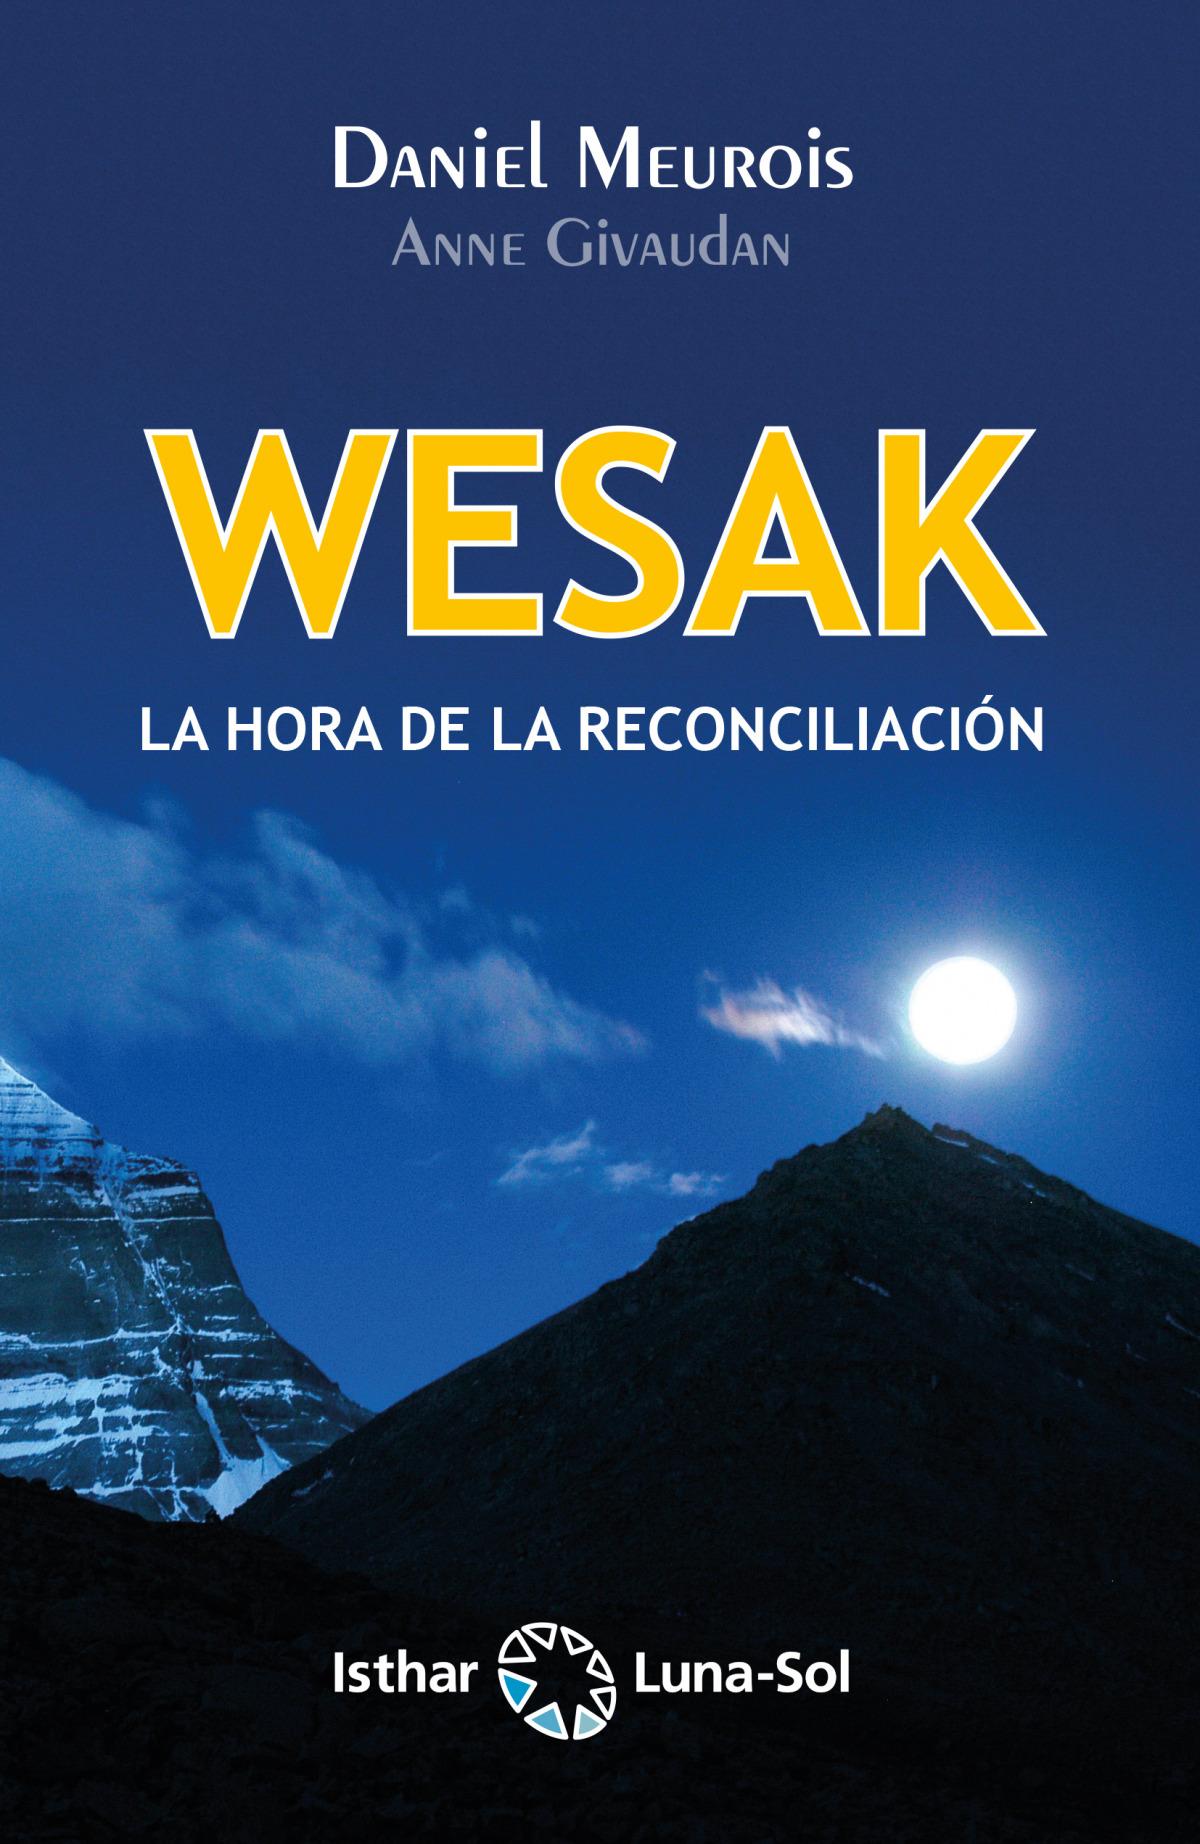 WESAK 9788417230869